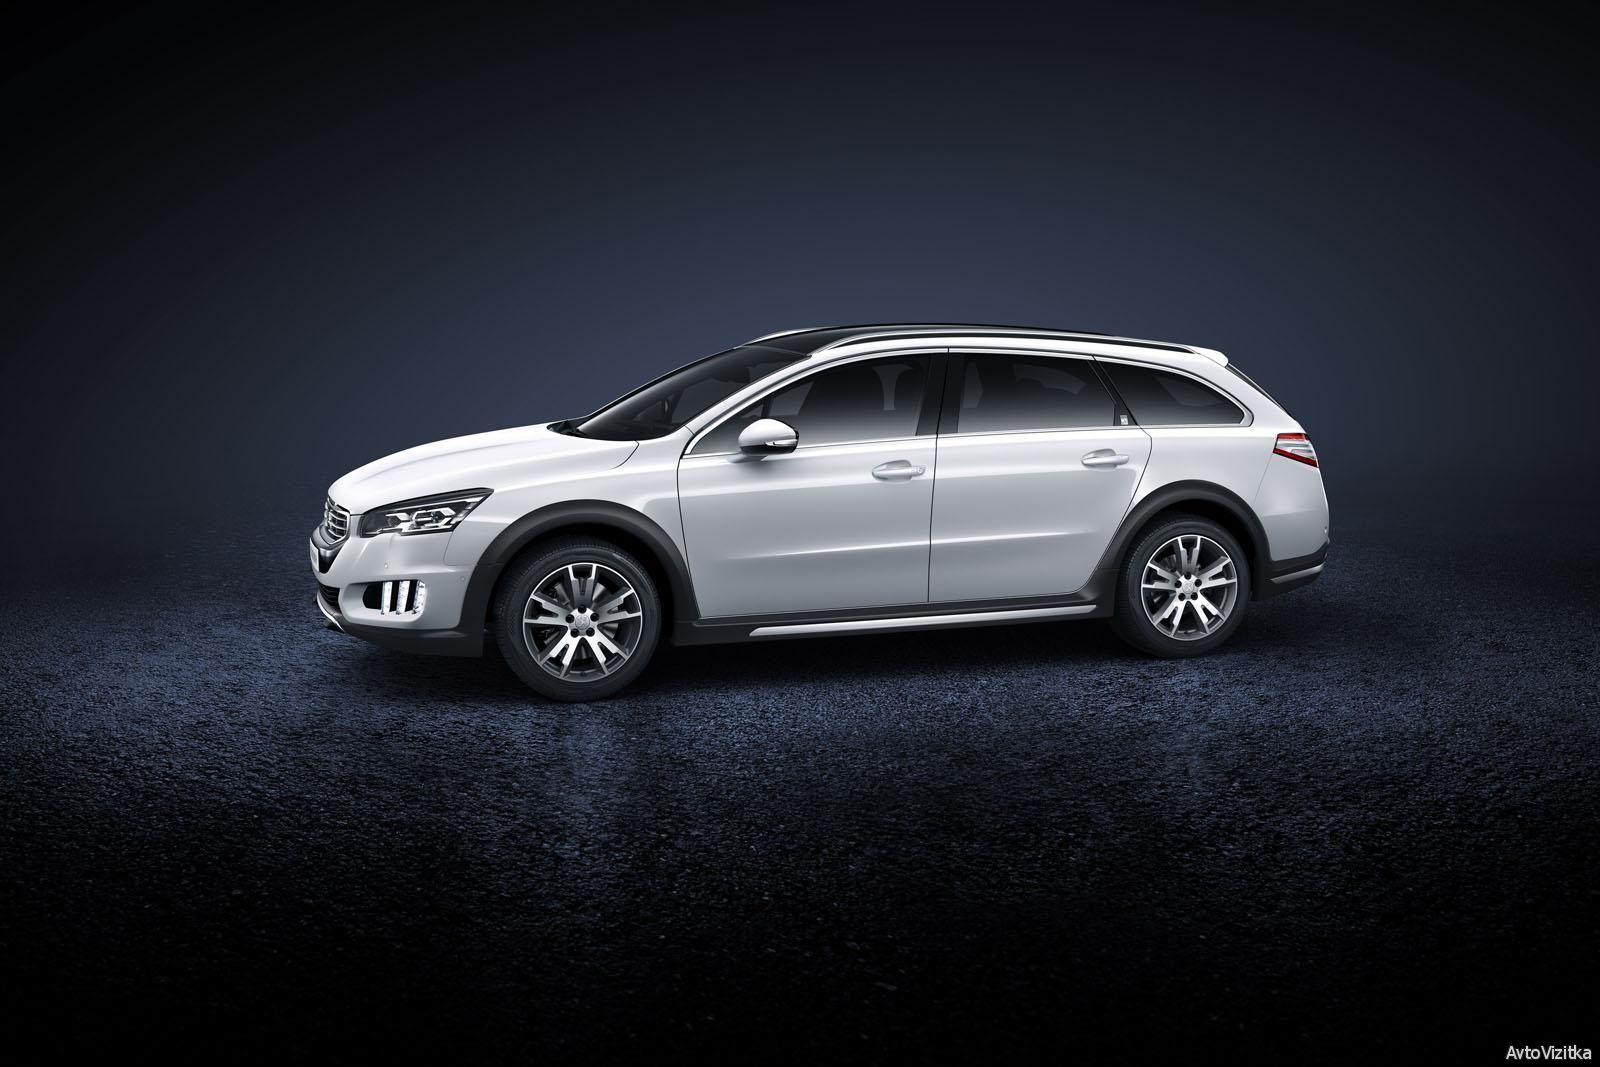 White Model 2015 Peugeot 508